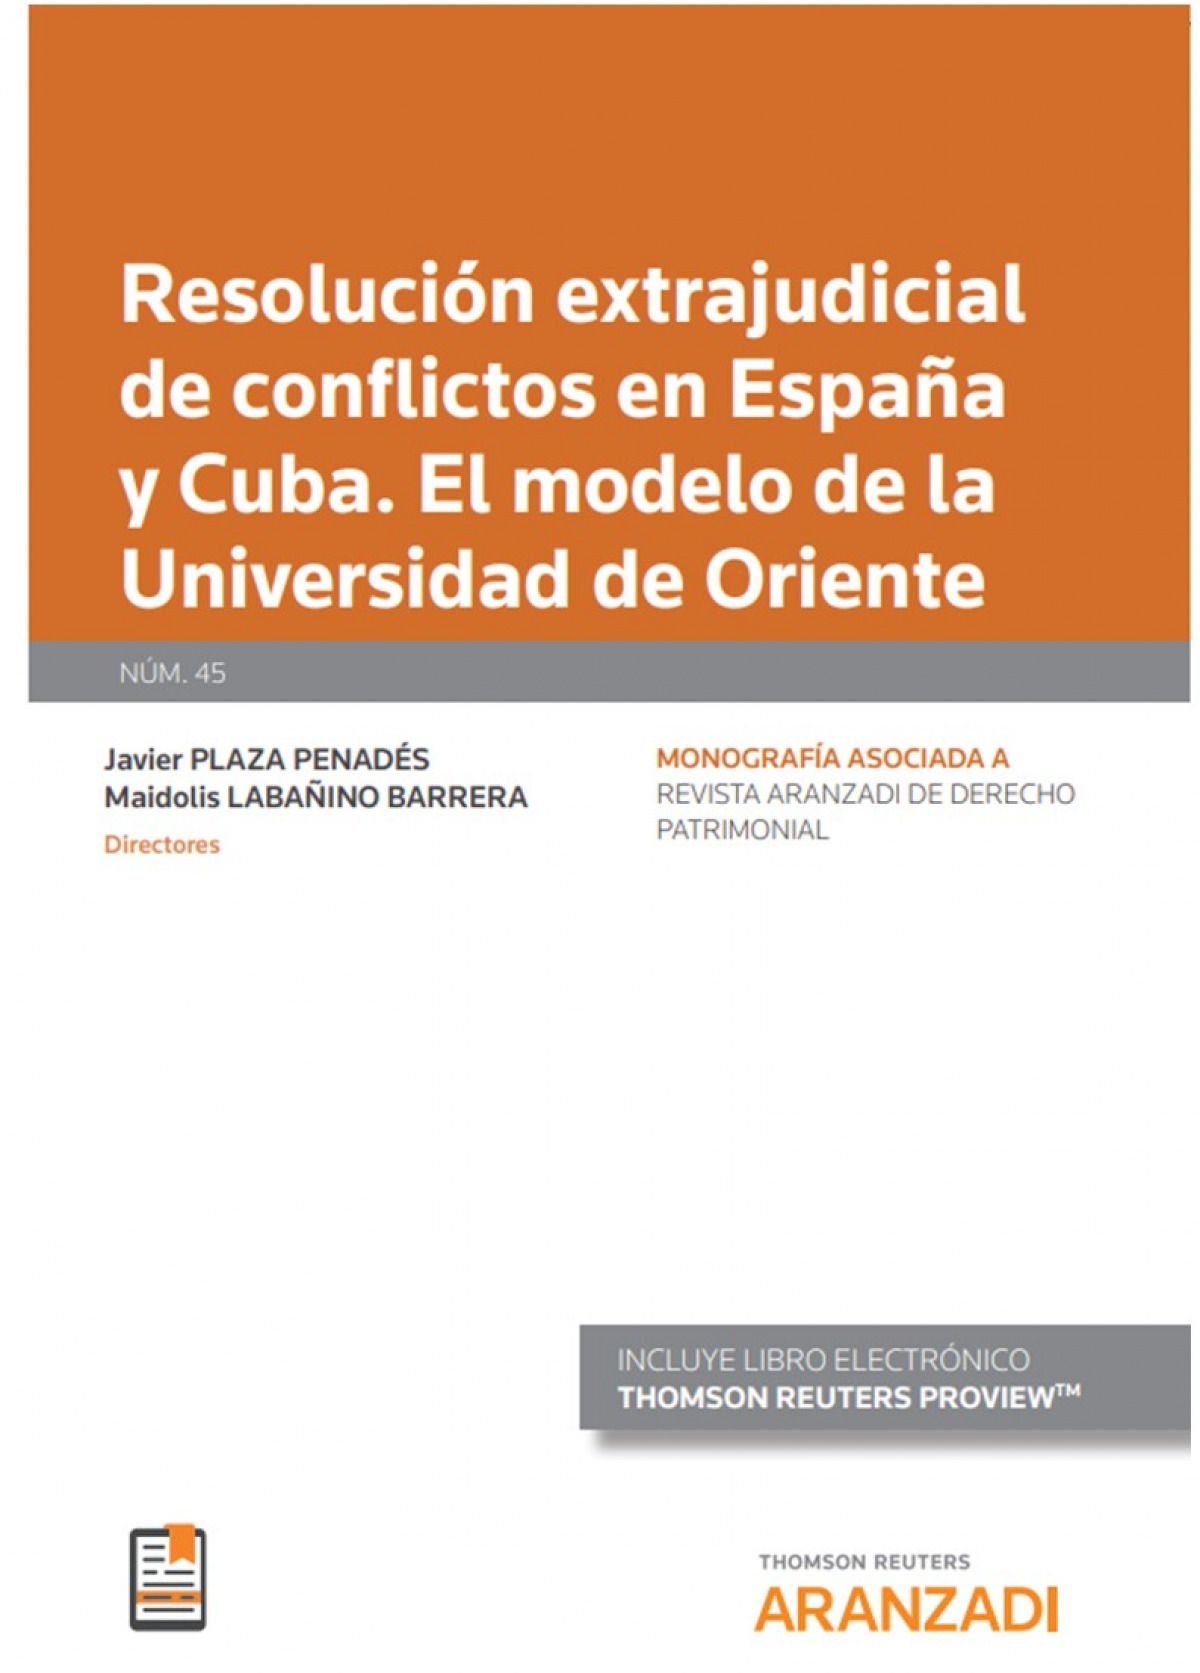 Resolución extrajudicial de conflictos en españa y cuba.